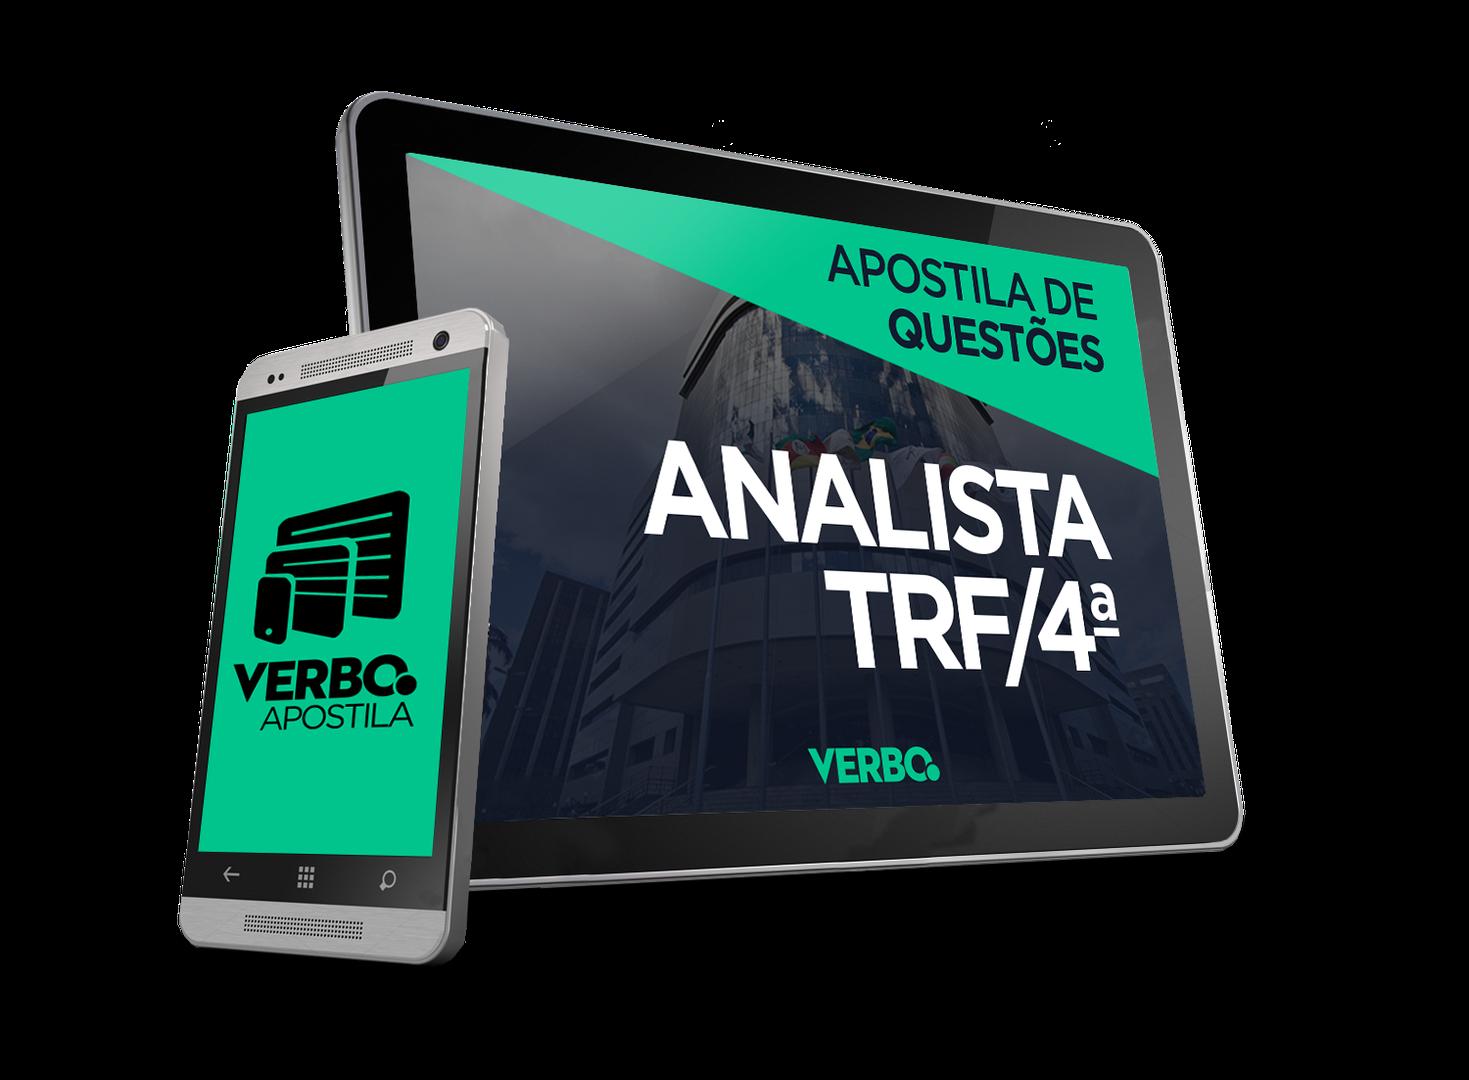 Apostila de Questões - Analista Judiciário TRF 4ª Região